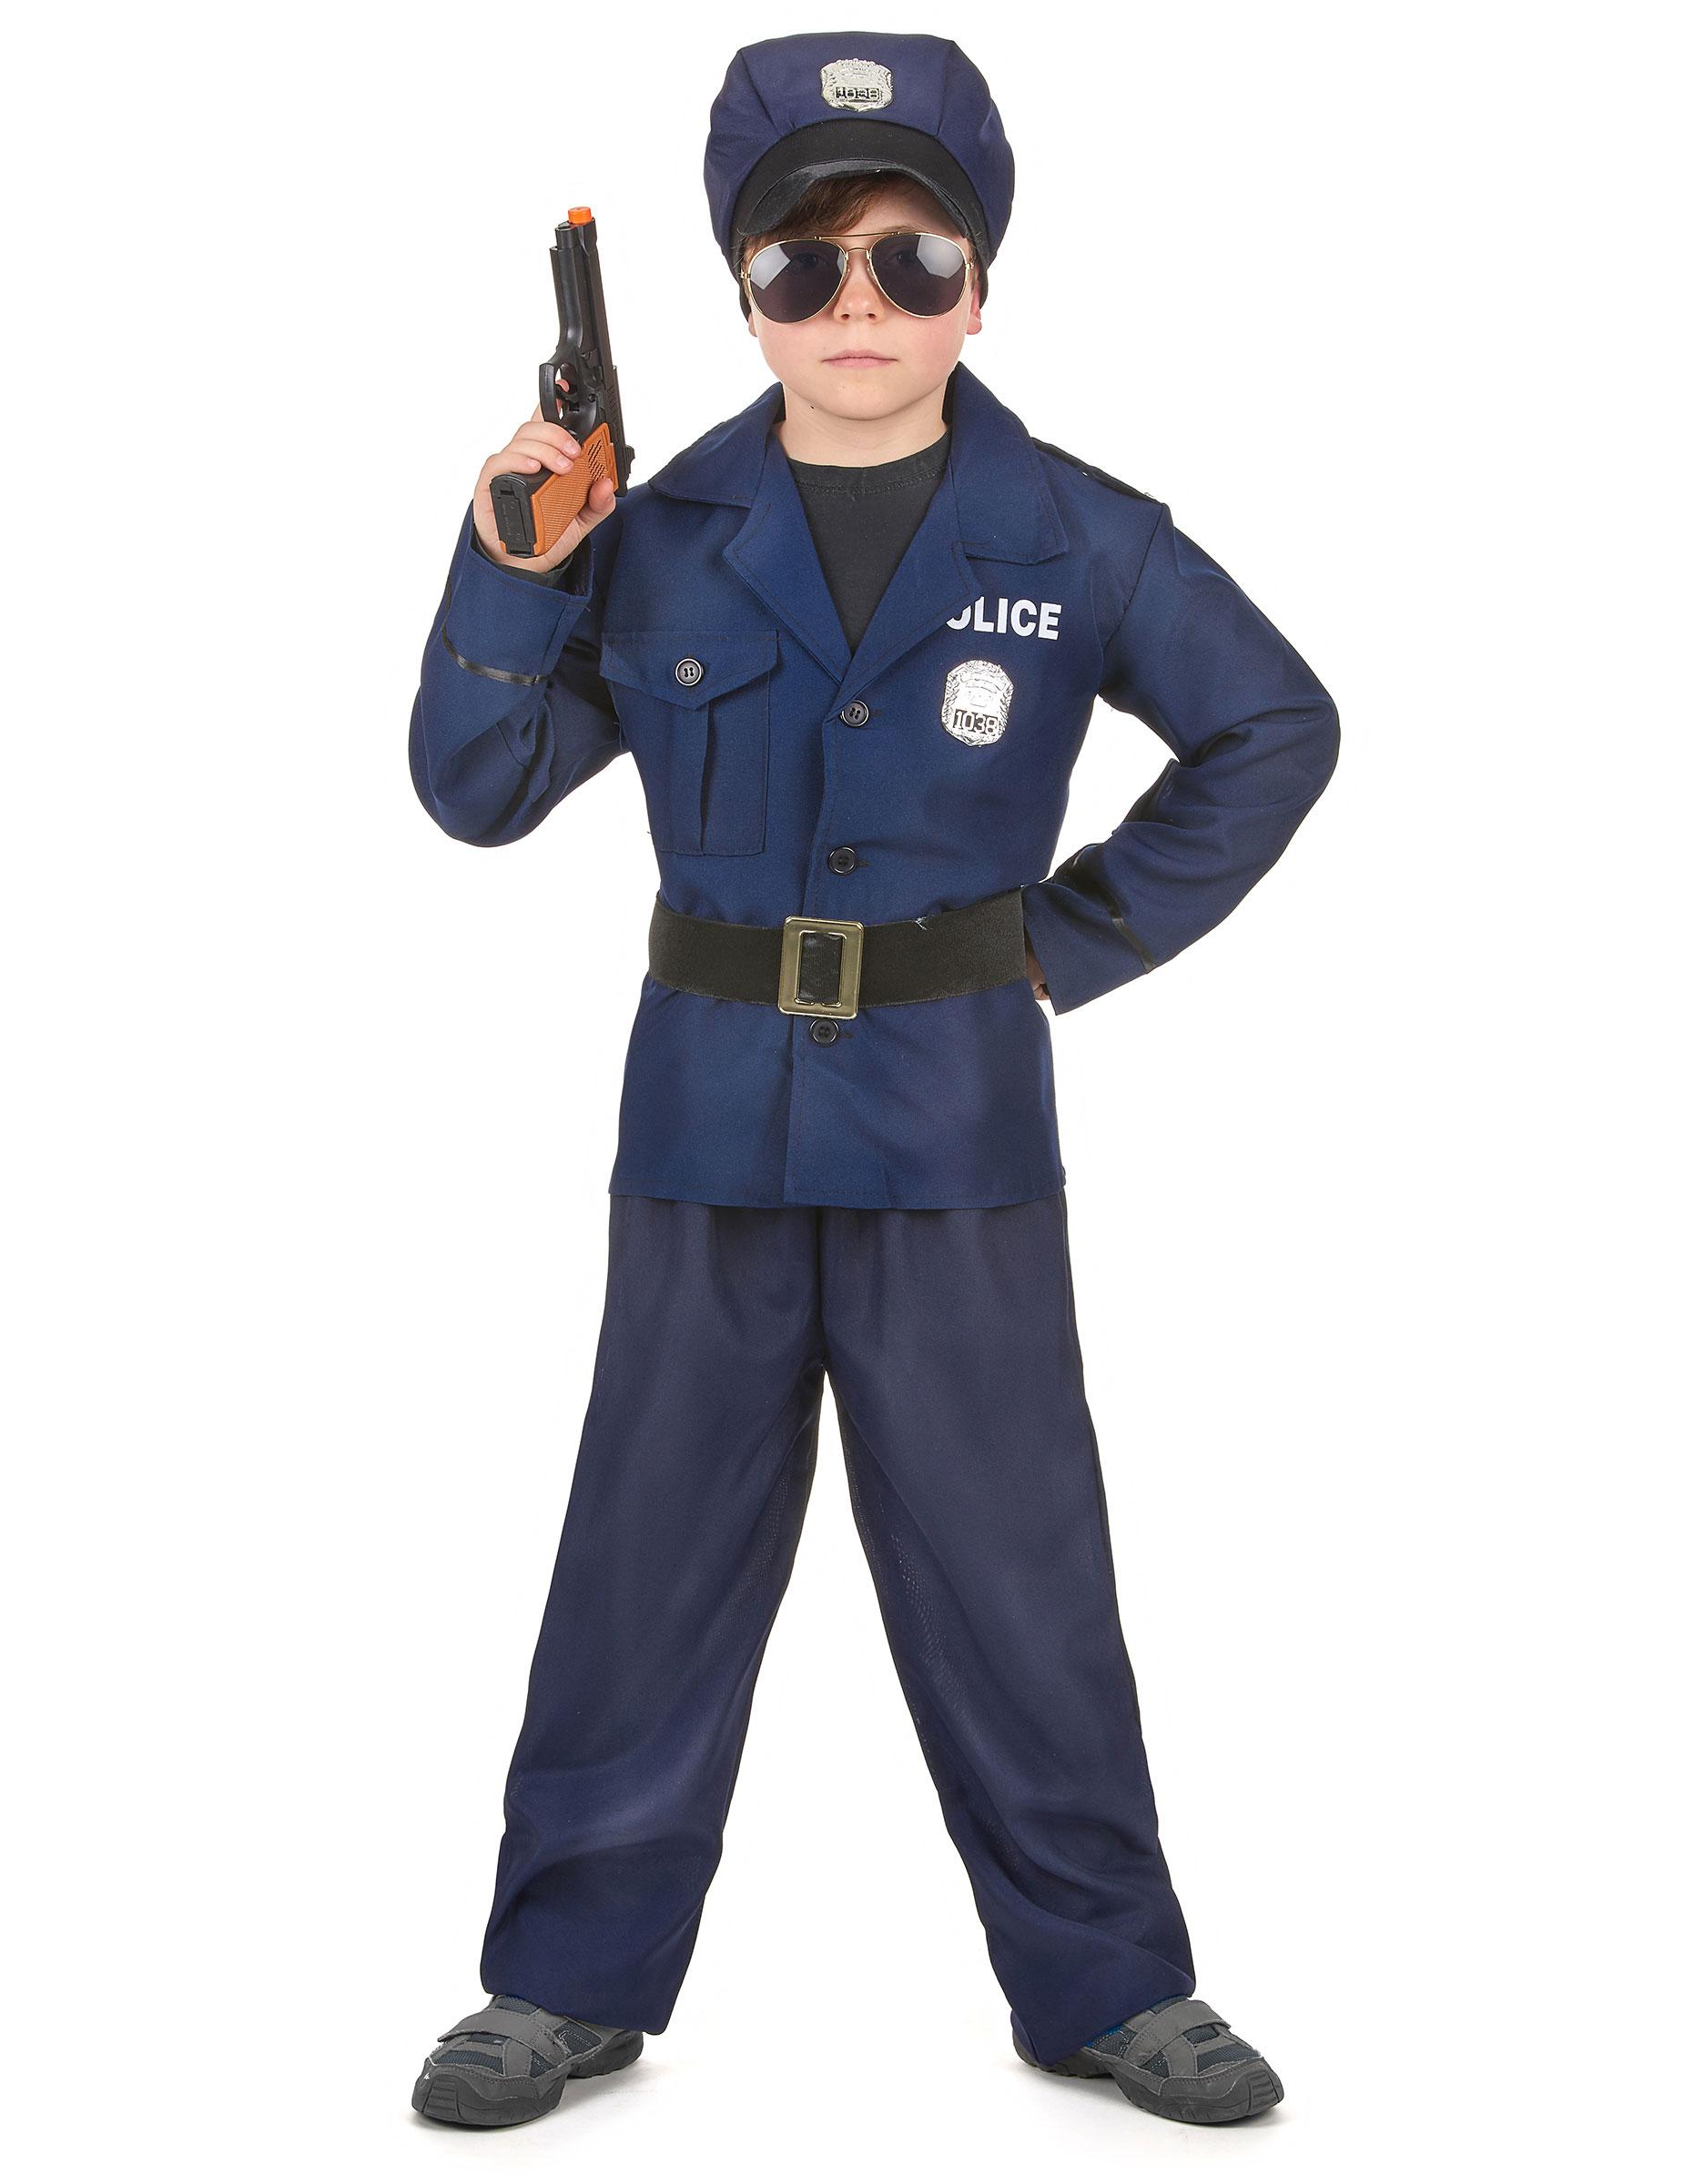 D guisement policier gar on pas cher d - Foto de garcon ...